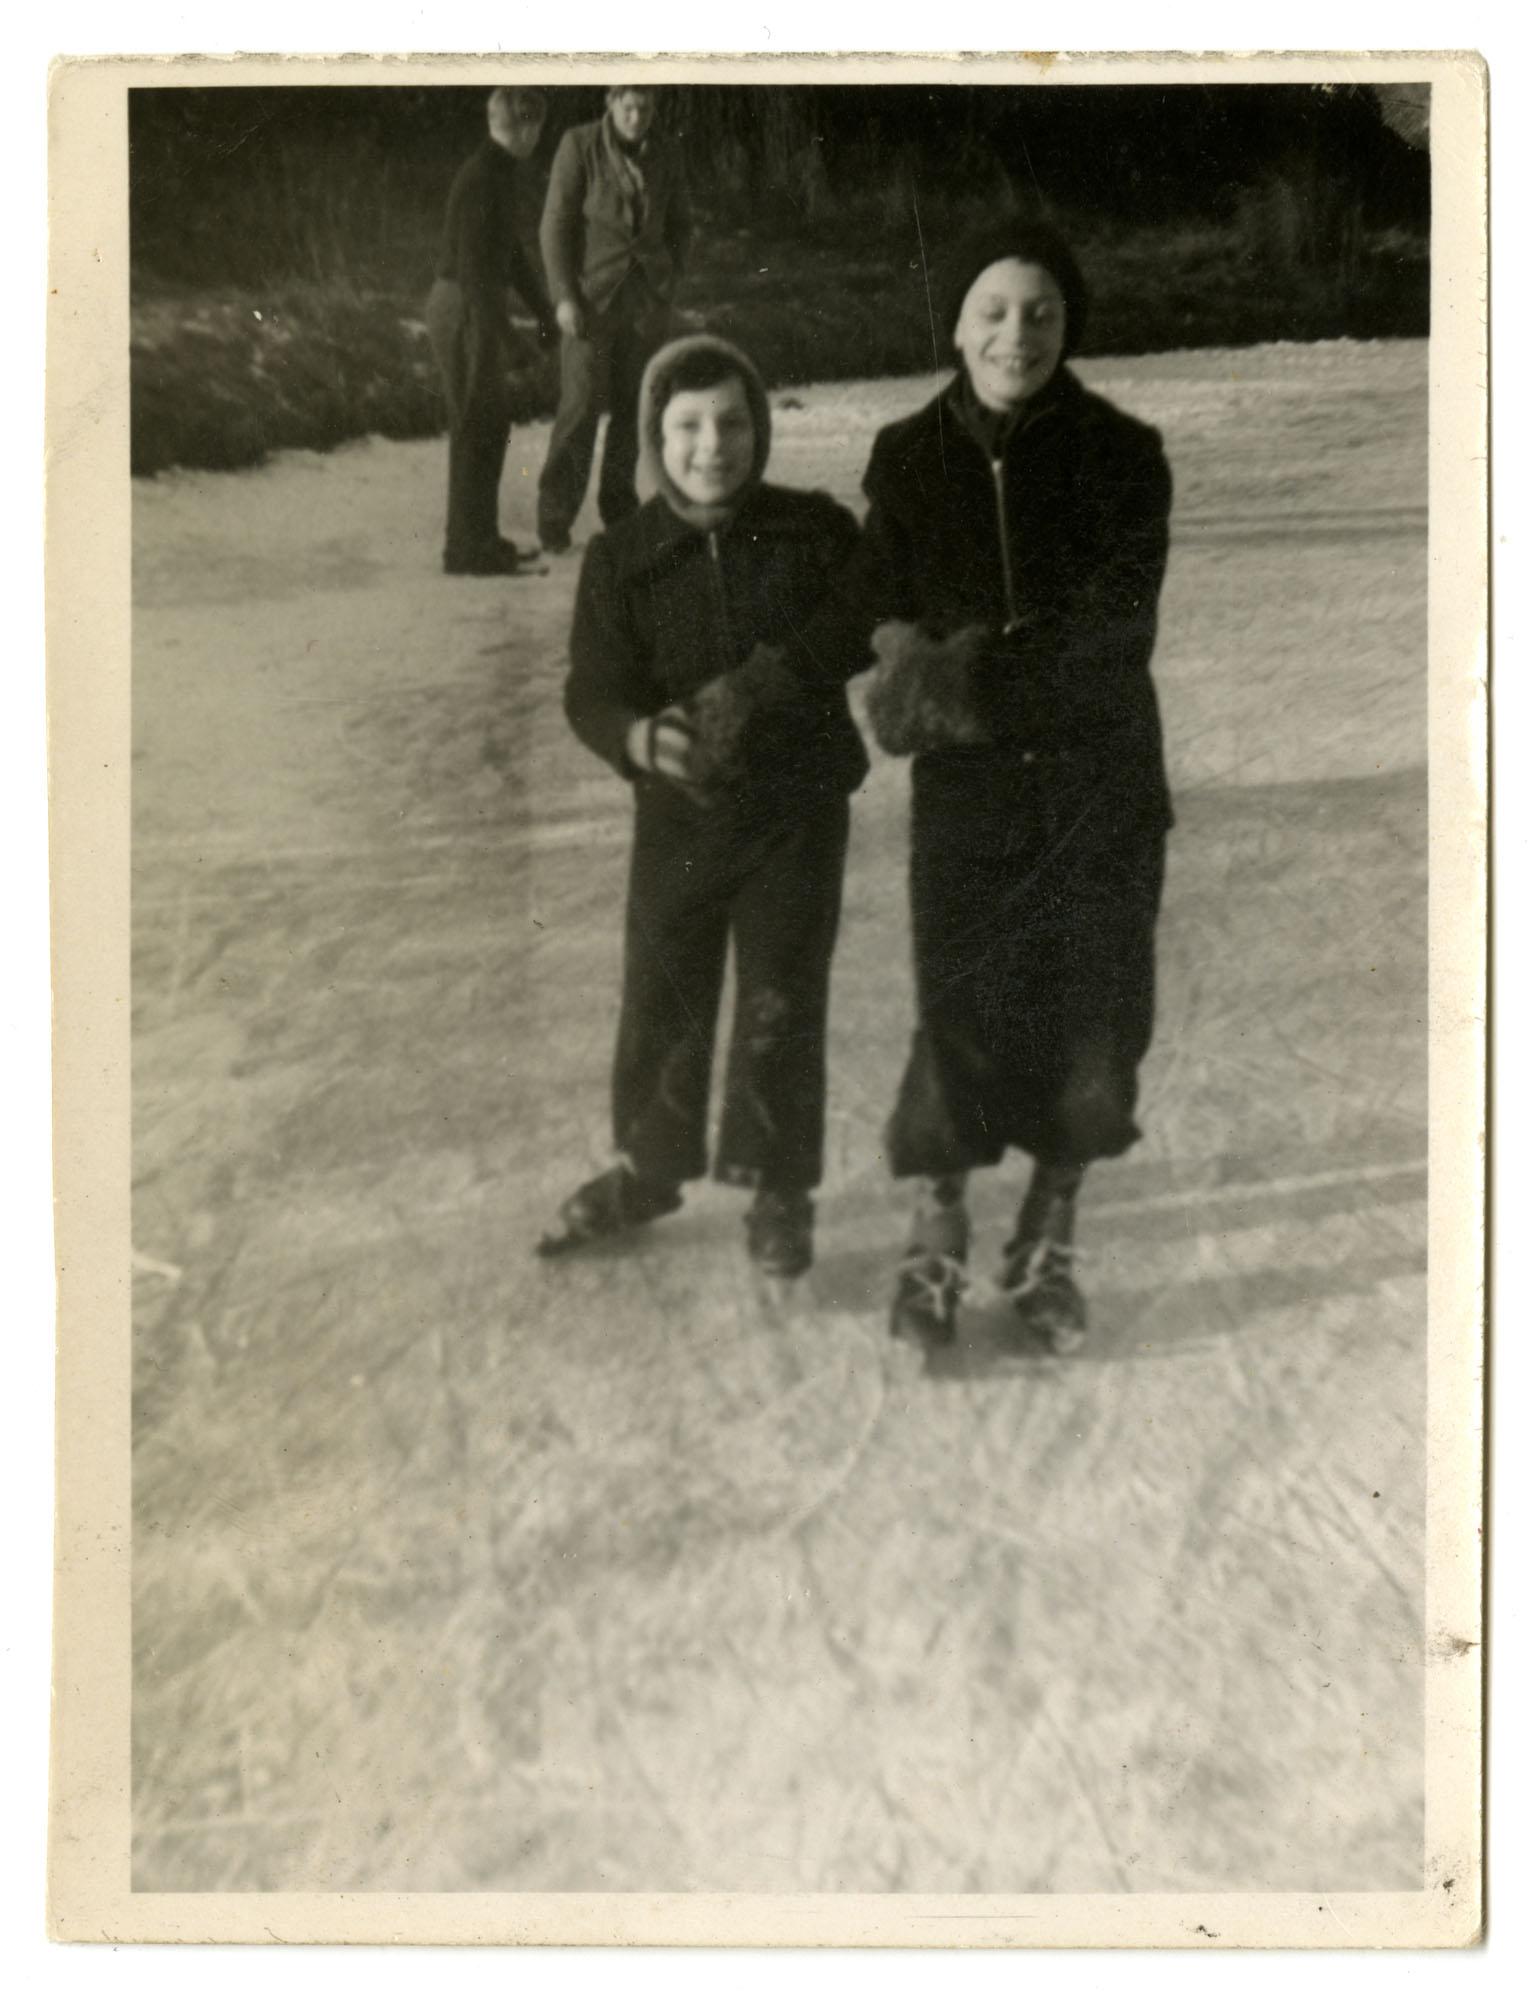 Dientje Krant and Gabriel DeLeeuw, 1948